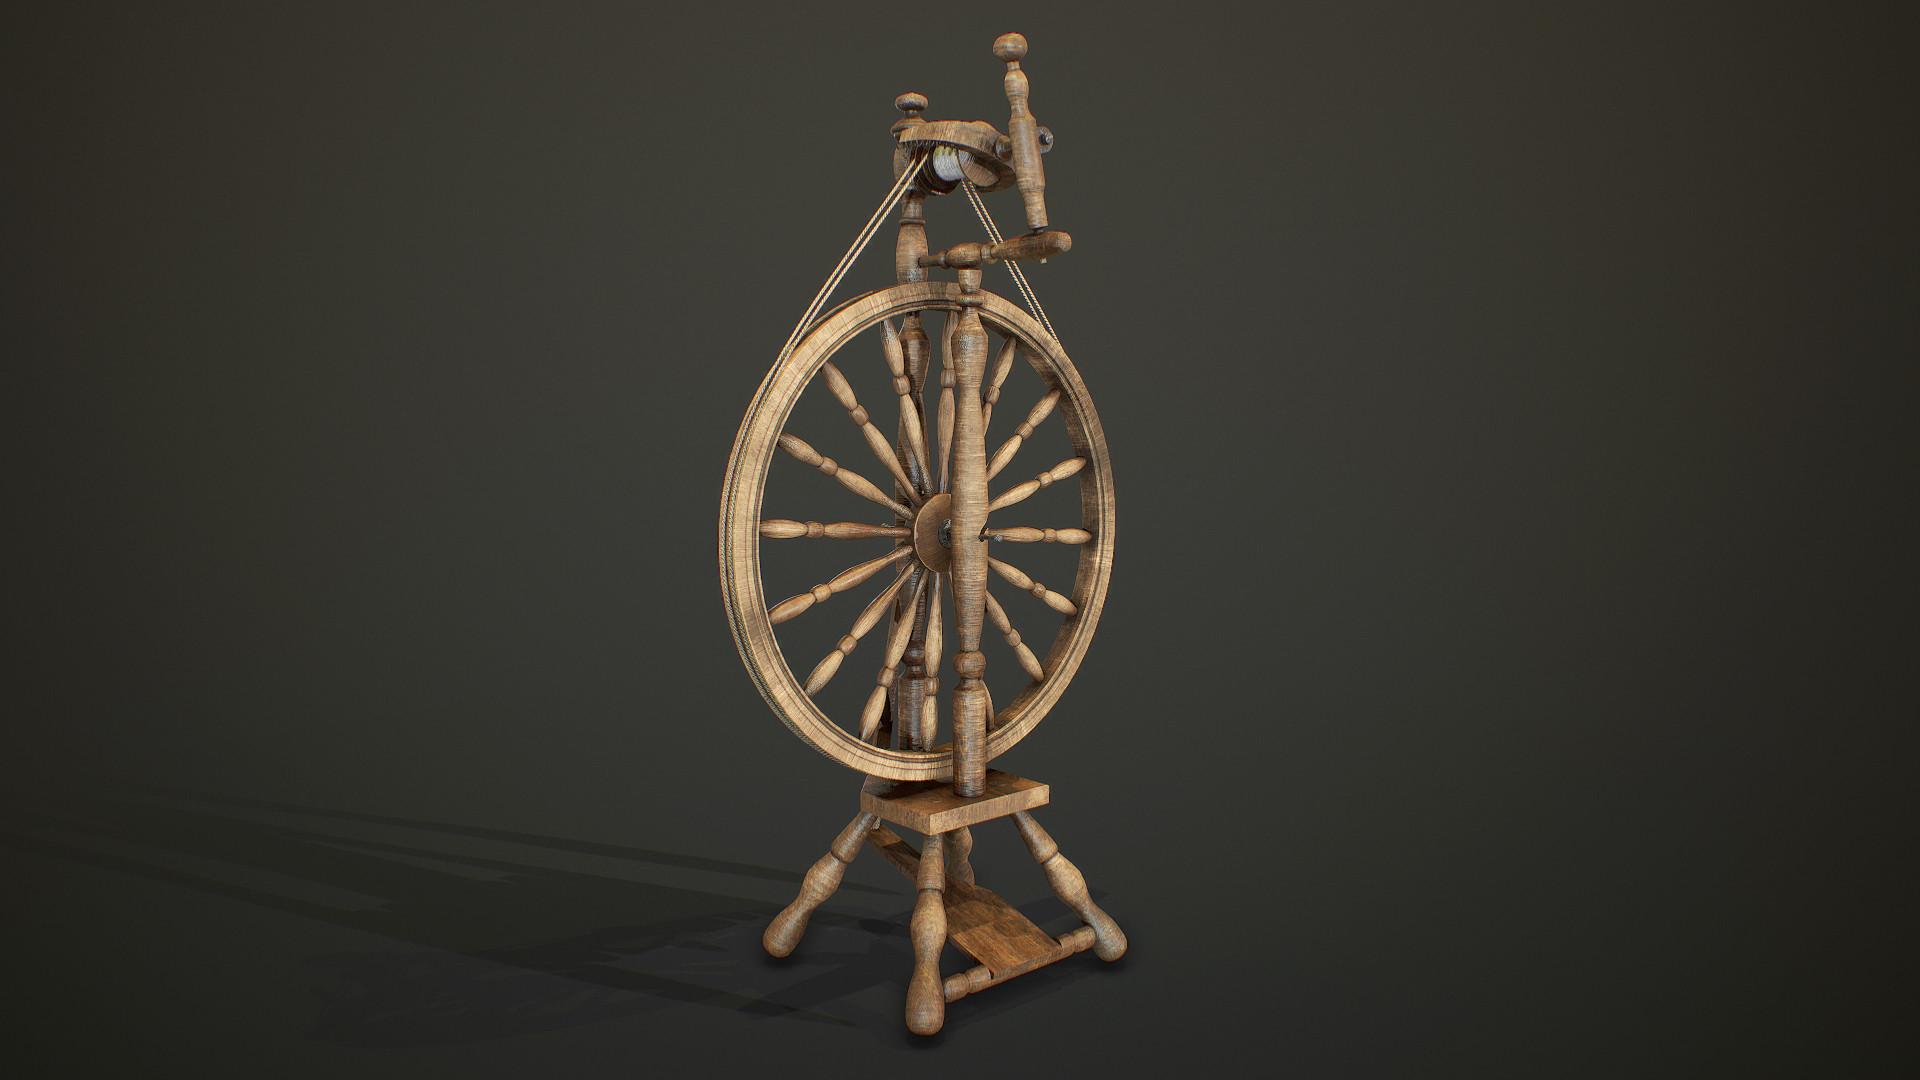 ArtStation - Spinning Wheel, Stepan Dolgopolov